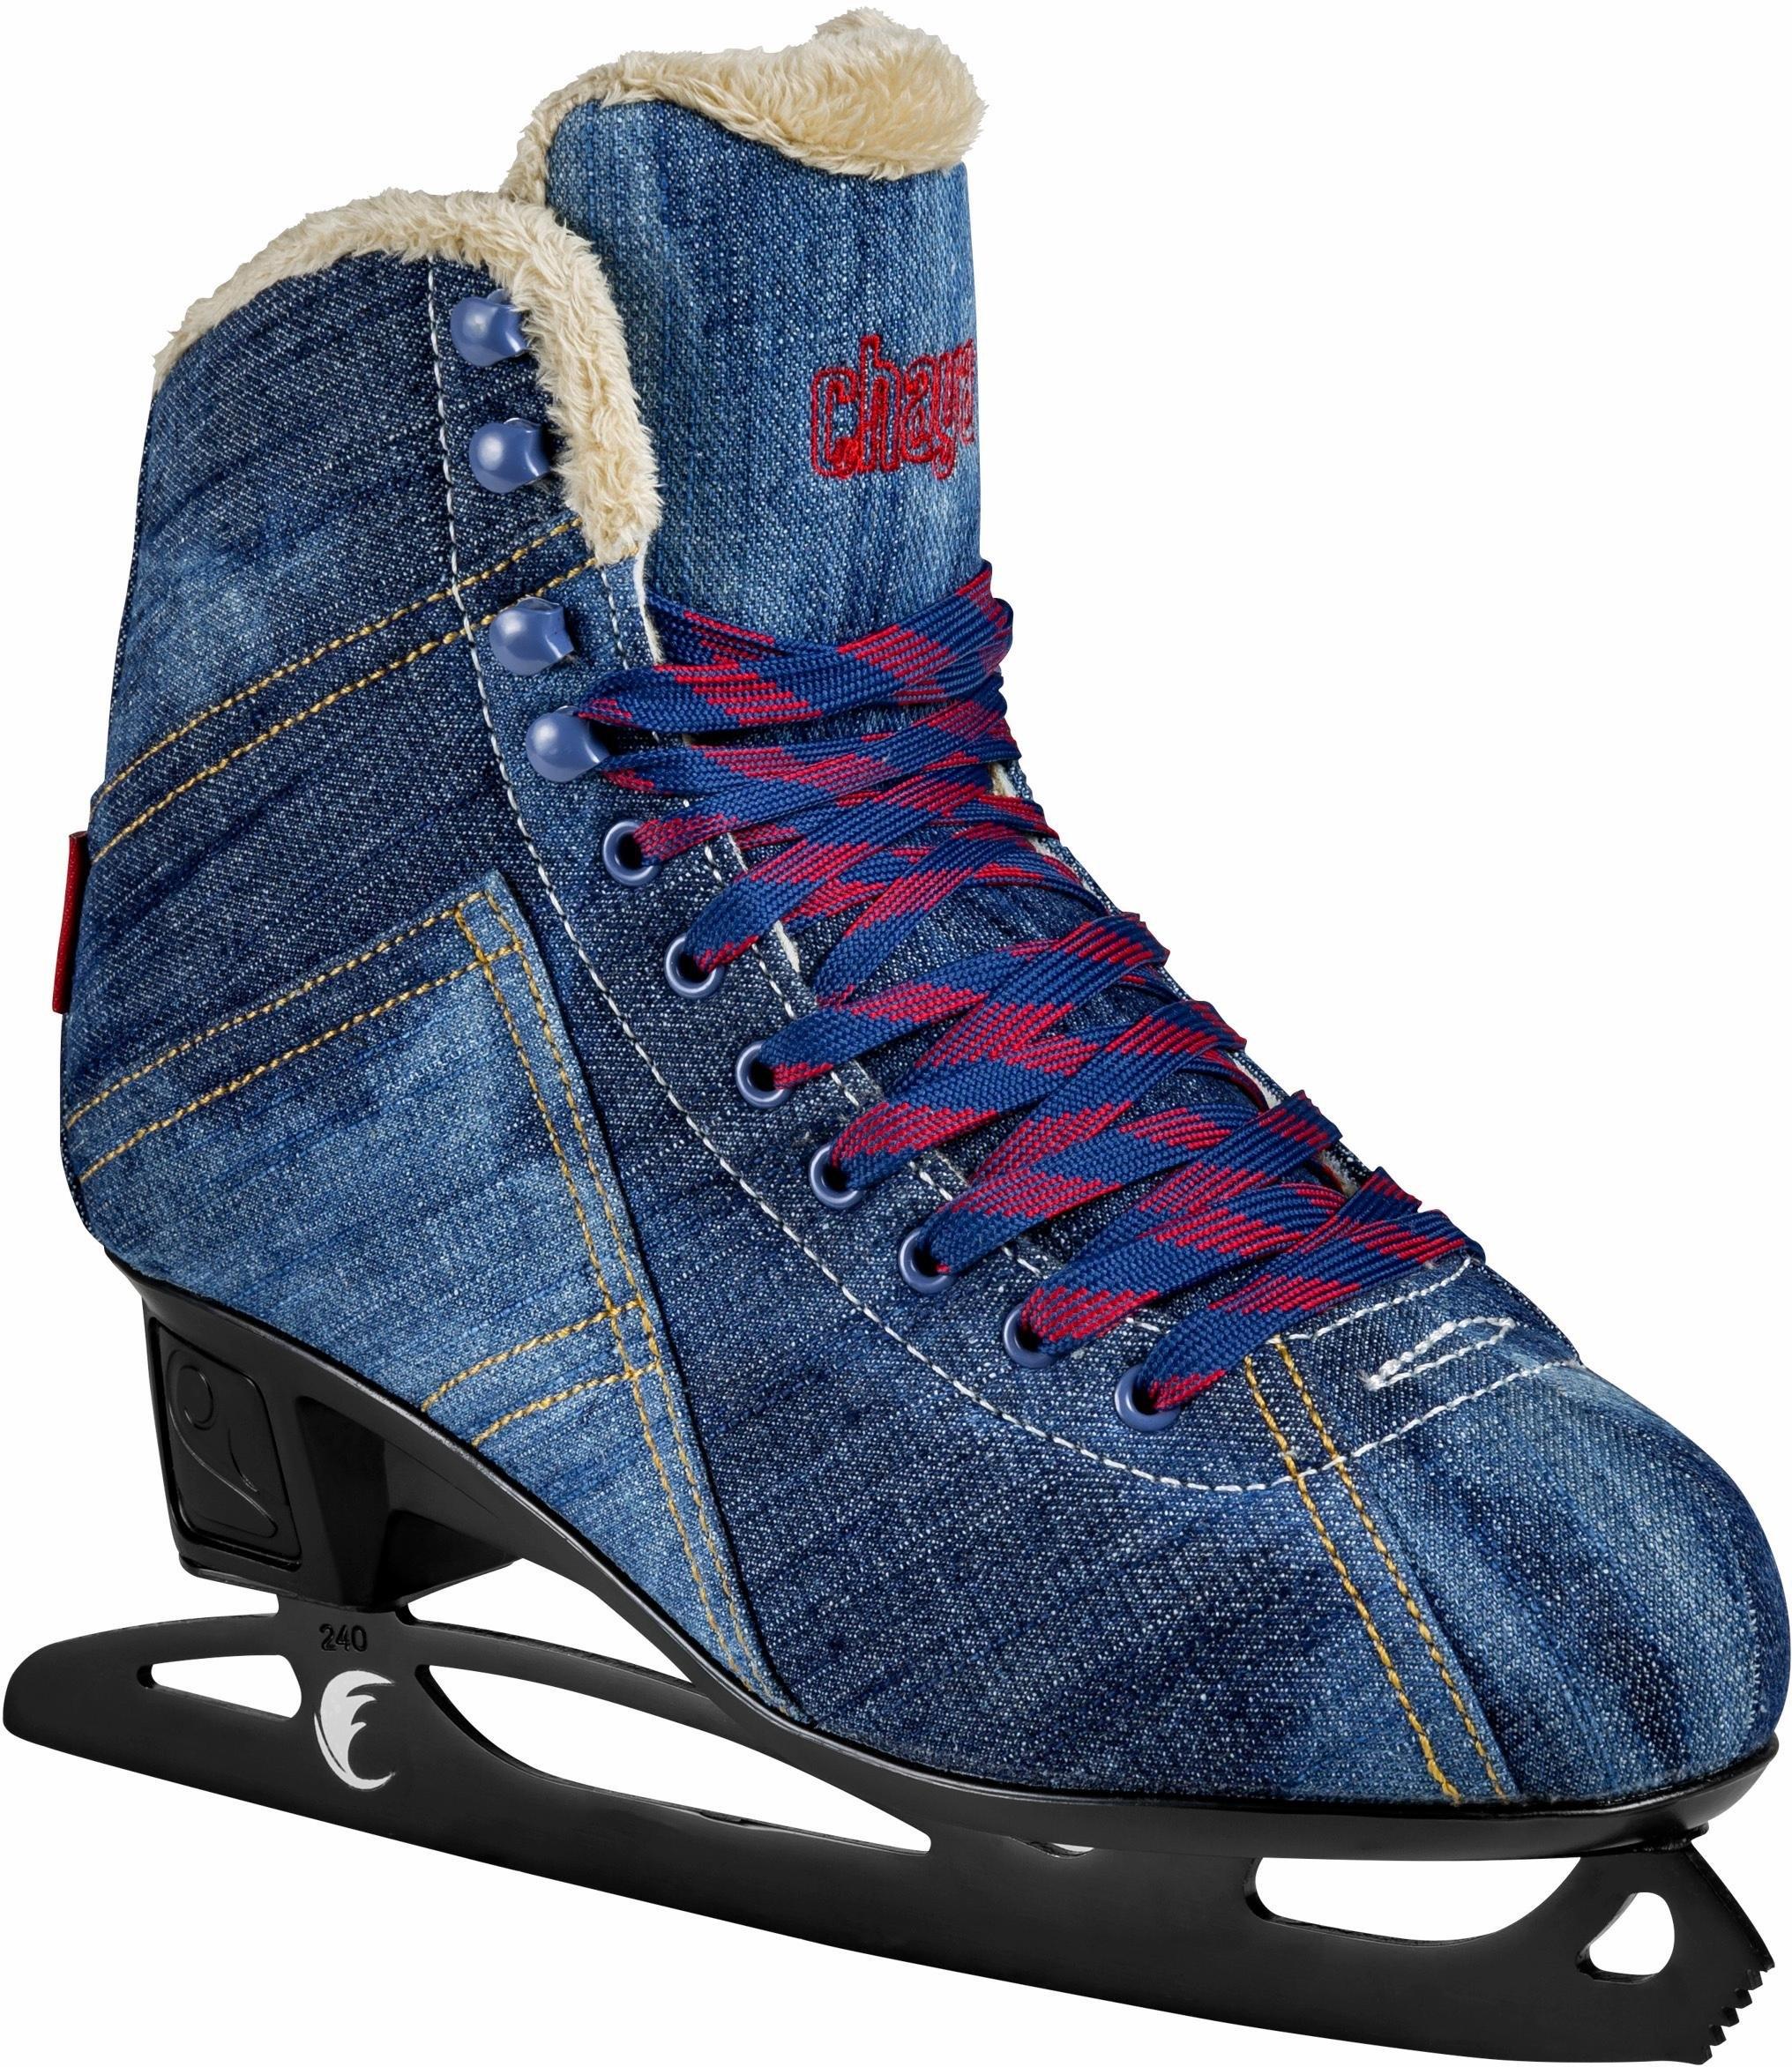 Chaya schaatsen, dames, blauw, »Billie Jean« online kopen op otto.nl